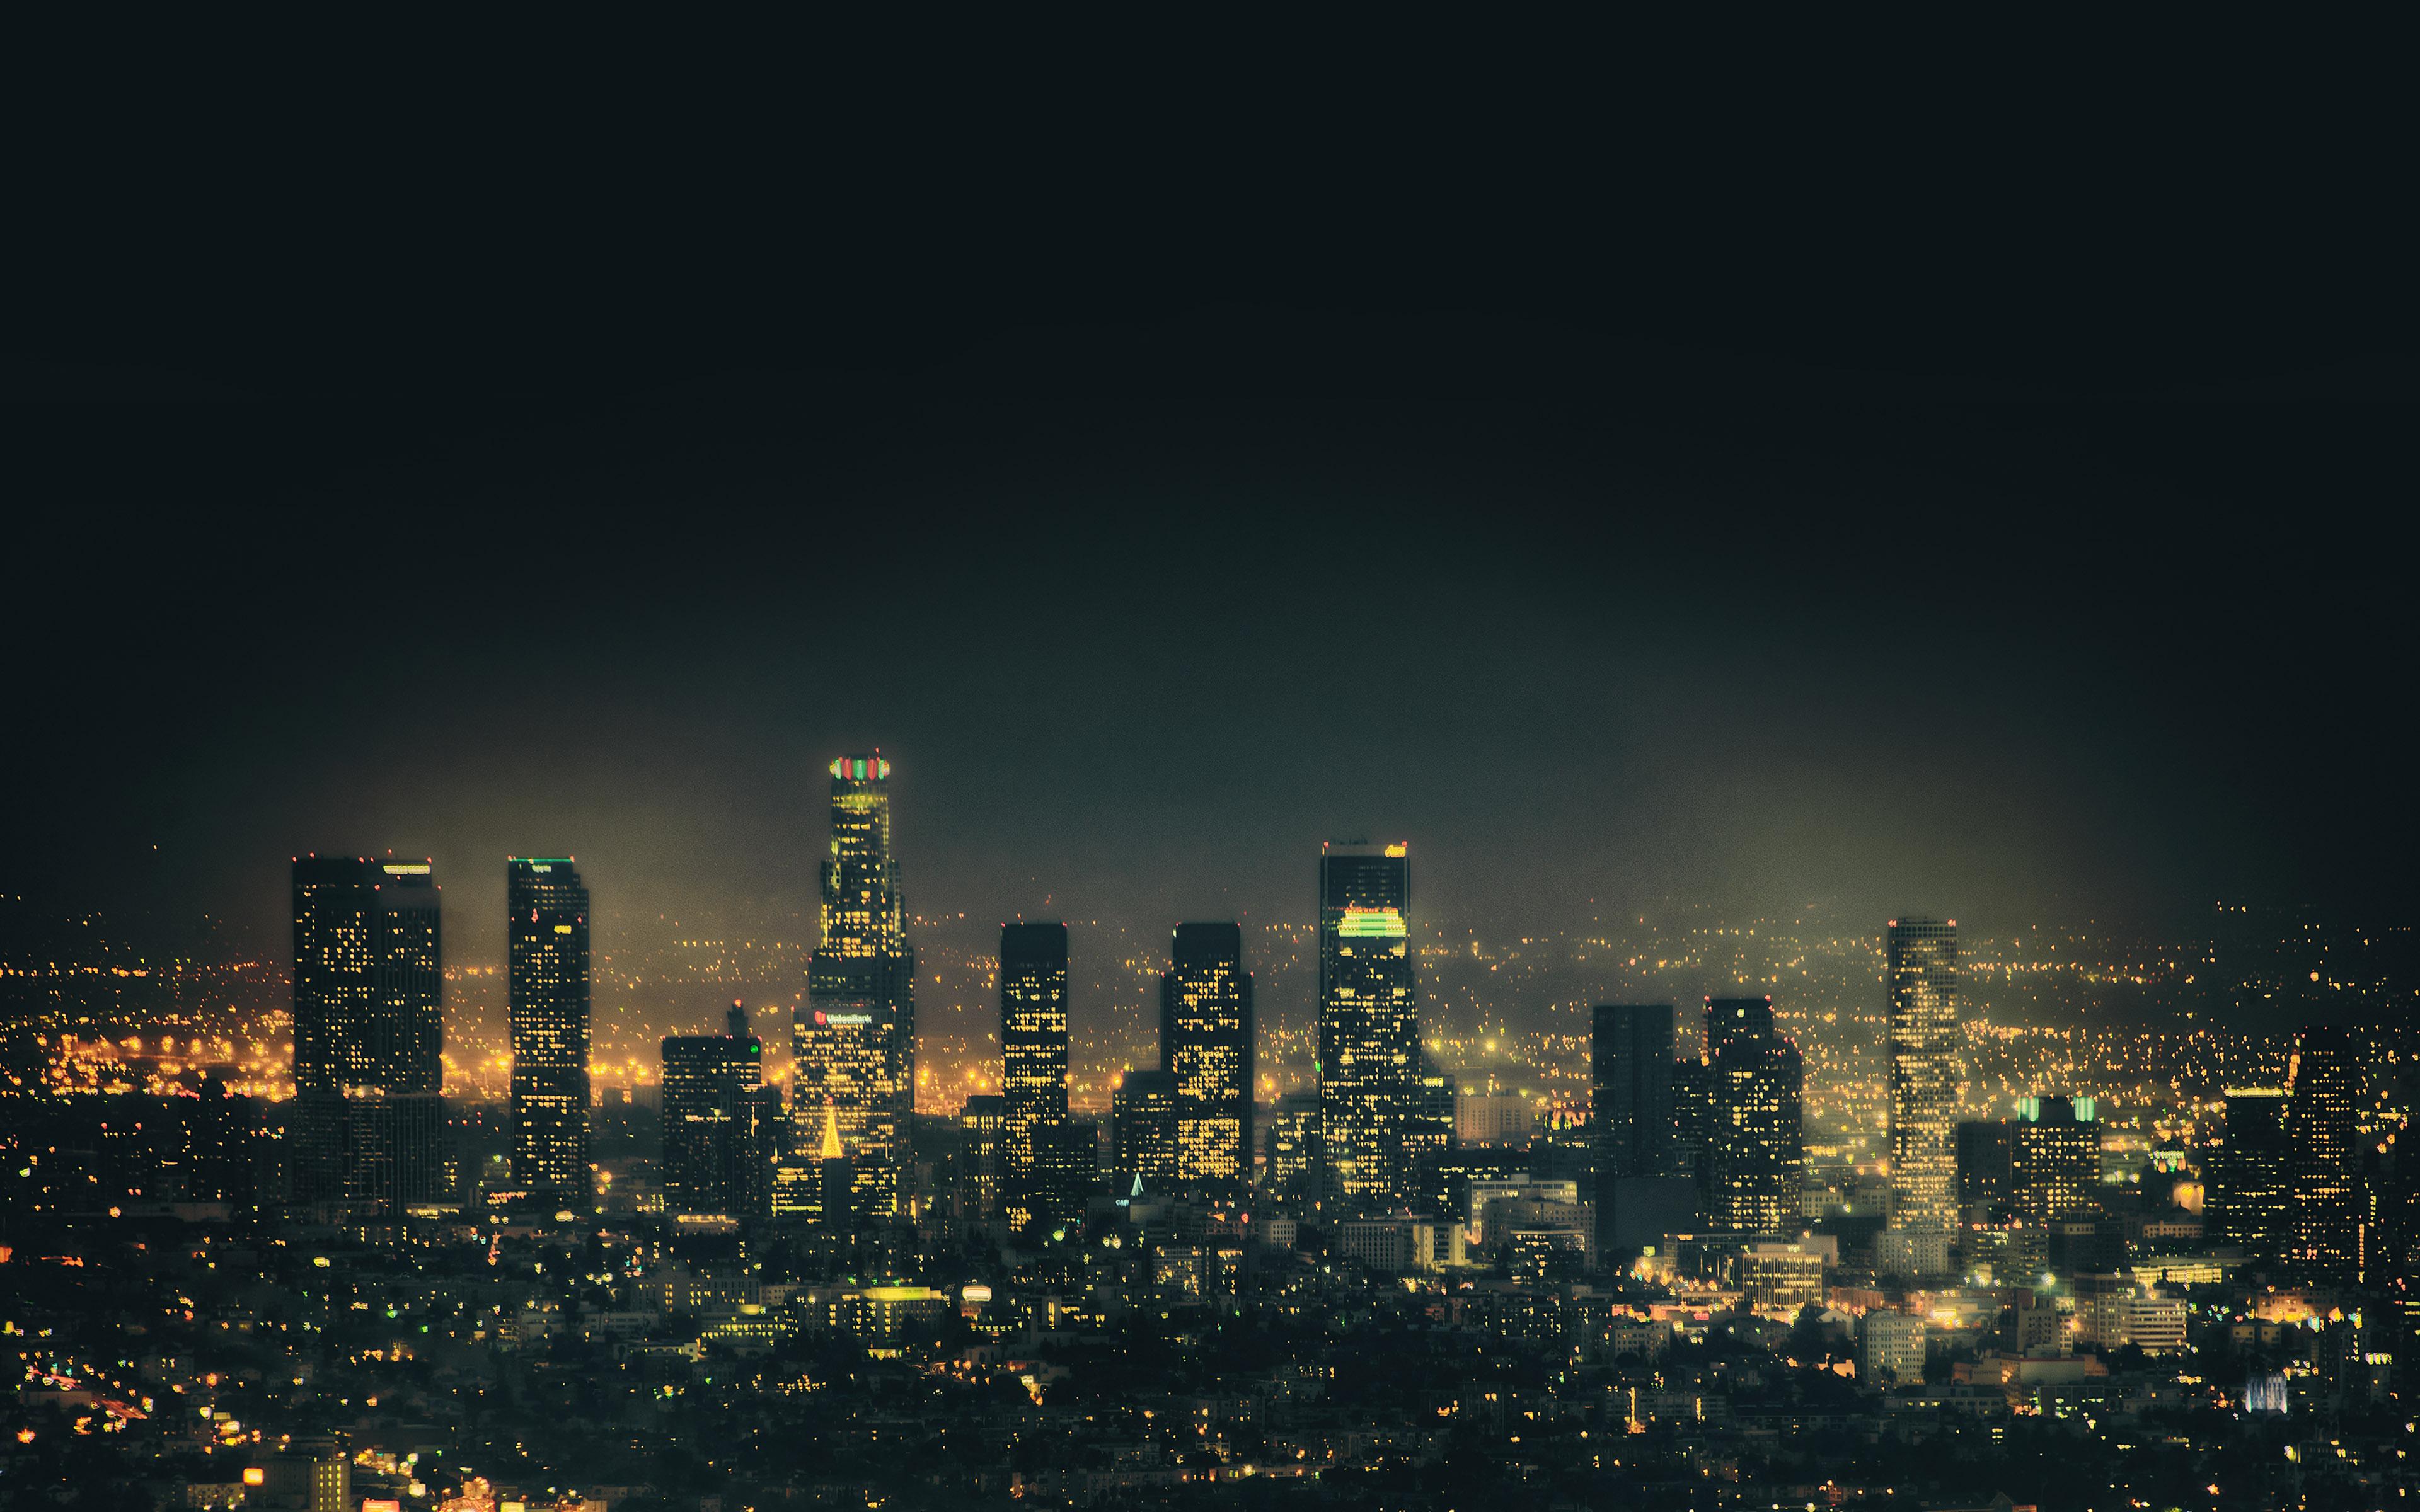 mb46-wallpaper-blade-city-dark-sky